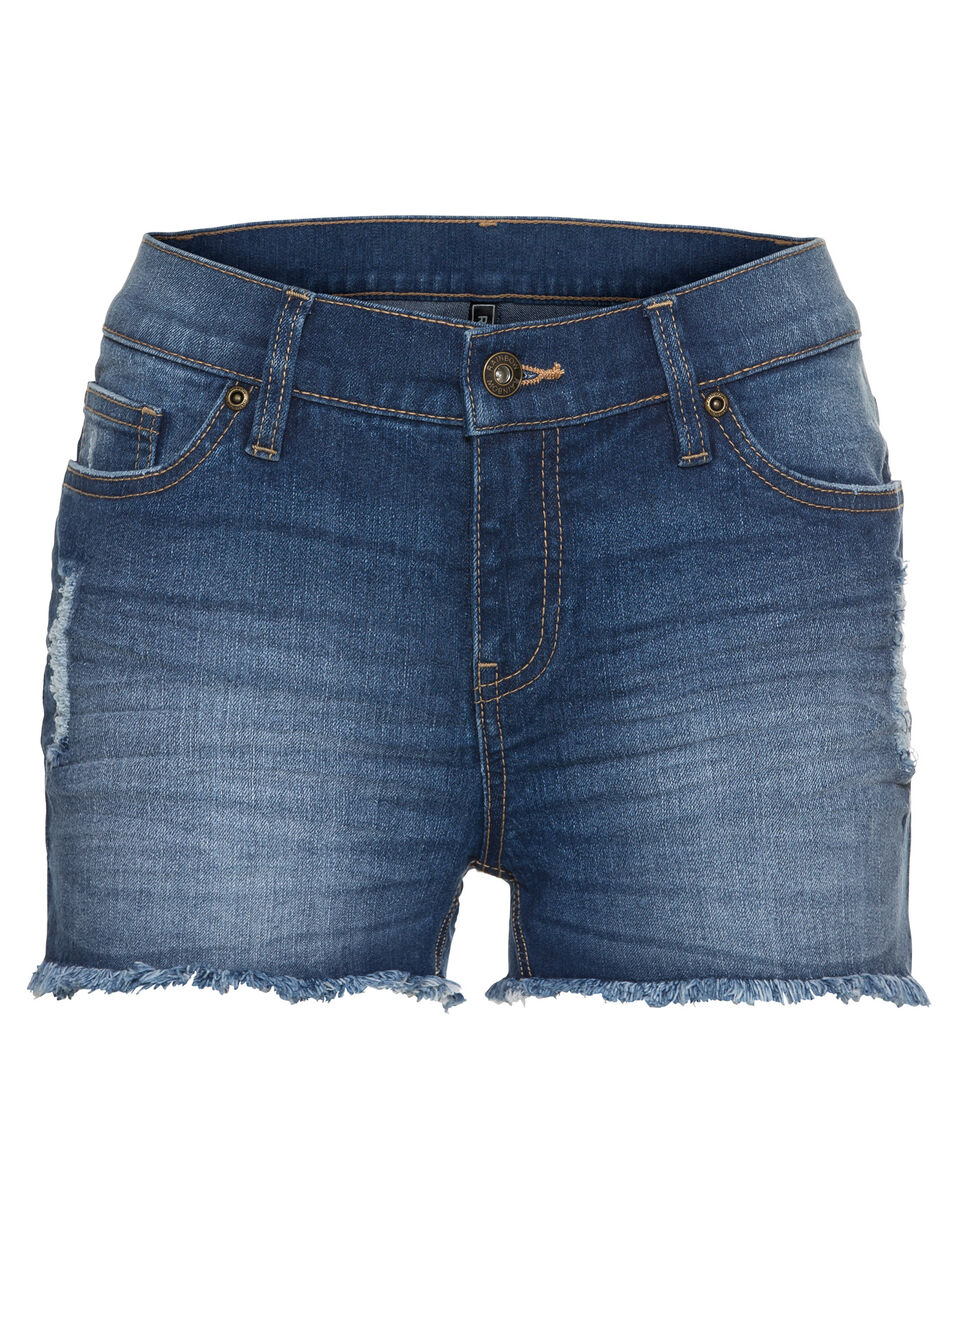 Купить Шорты джинсовые, bonprix, синий «потертый»